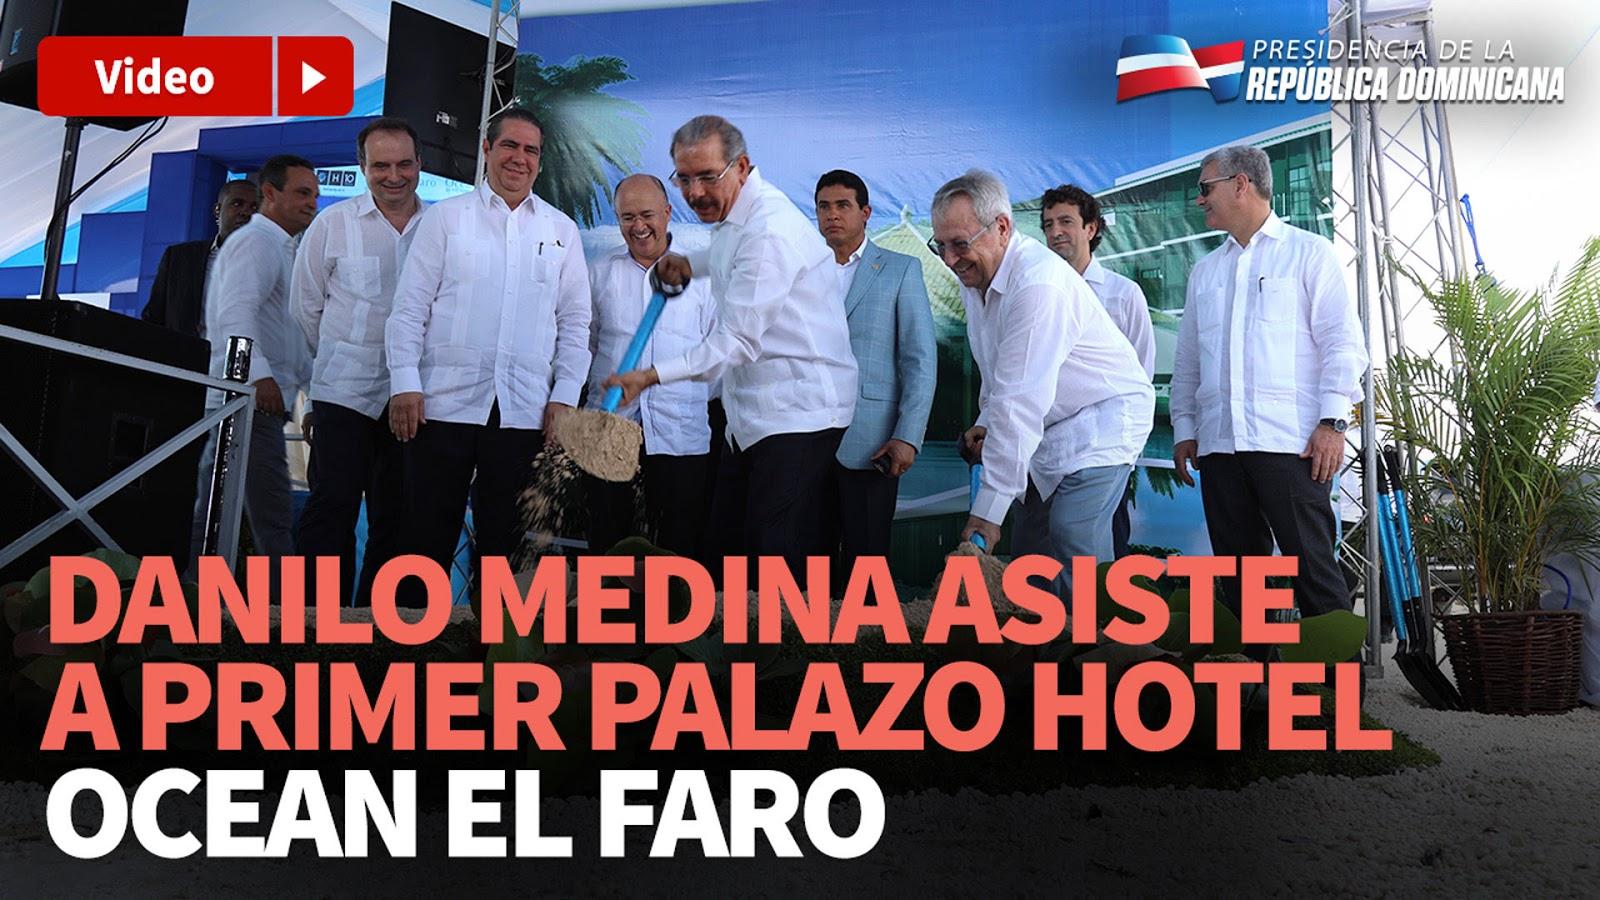 VIDEO: Más empleos y desarrollo del turismo en el Este: Danilo asiste a primer palazo Hotel Ocean El Faro